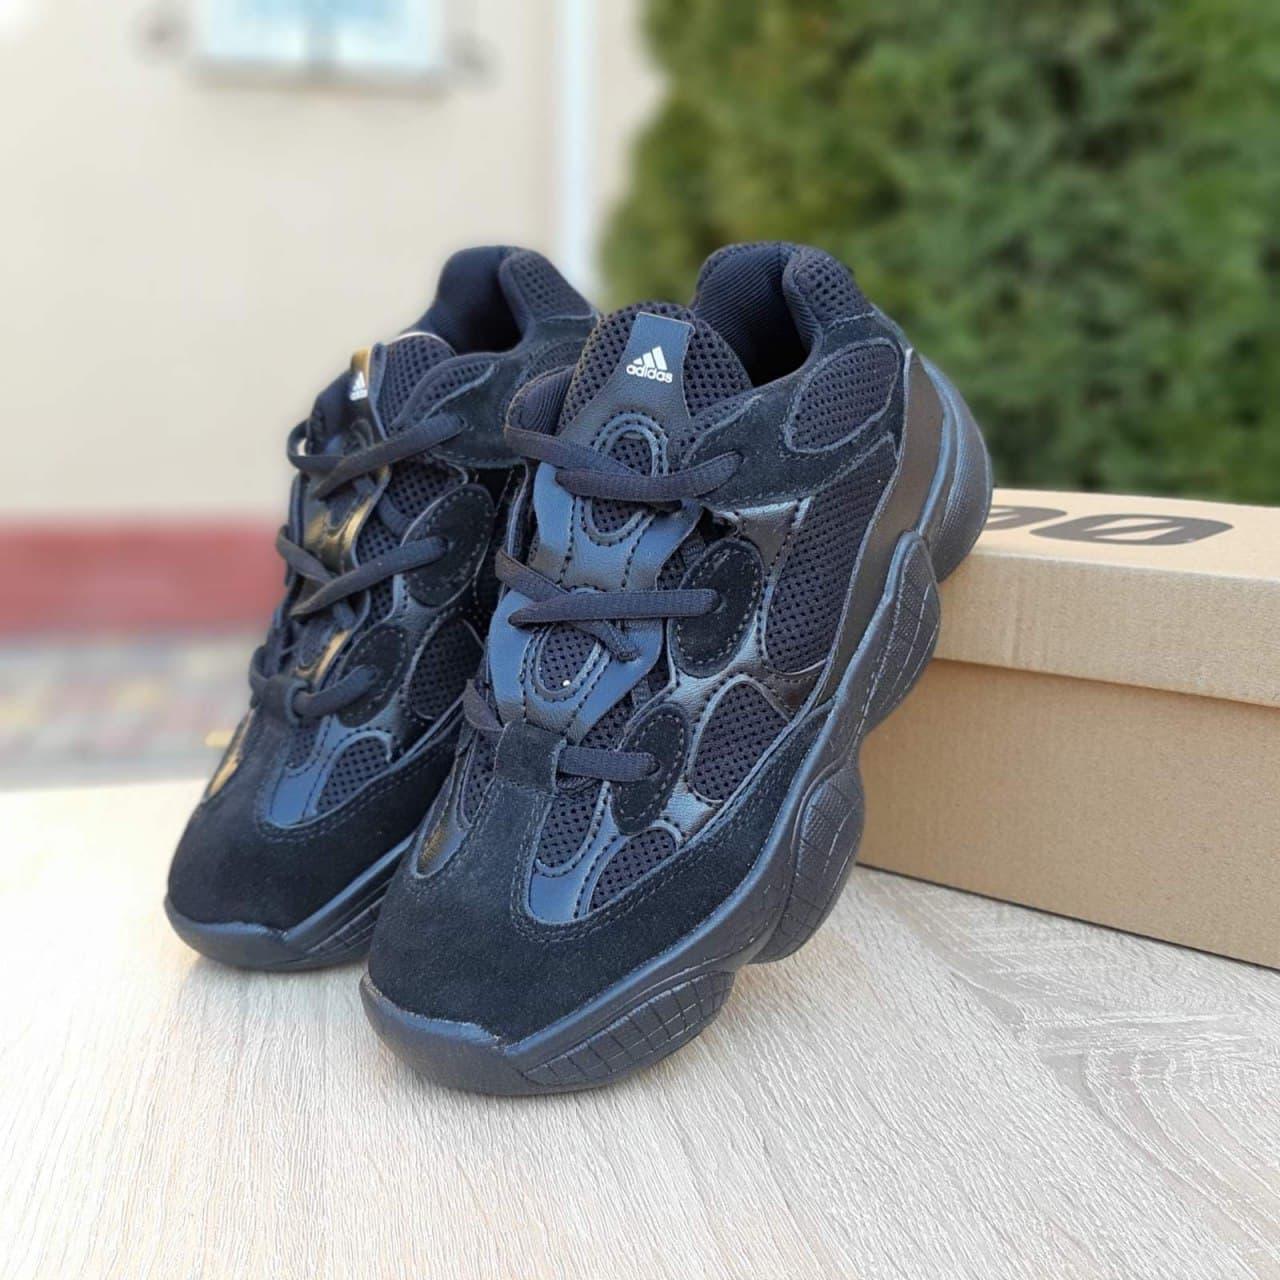 Кроссовки  Adid@s YEEZY 500  черные замш/кожа/сетка 36-41 MEGA SALE